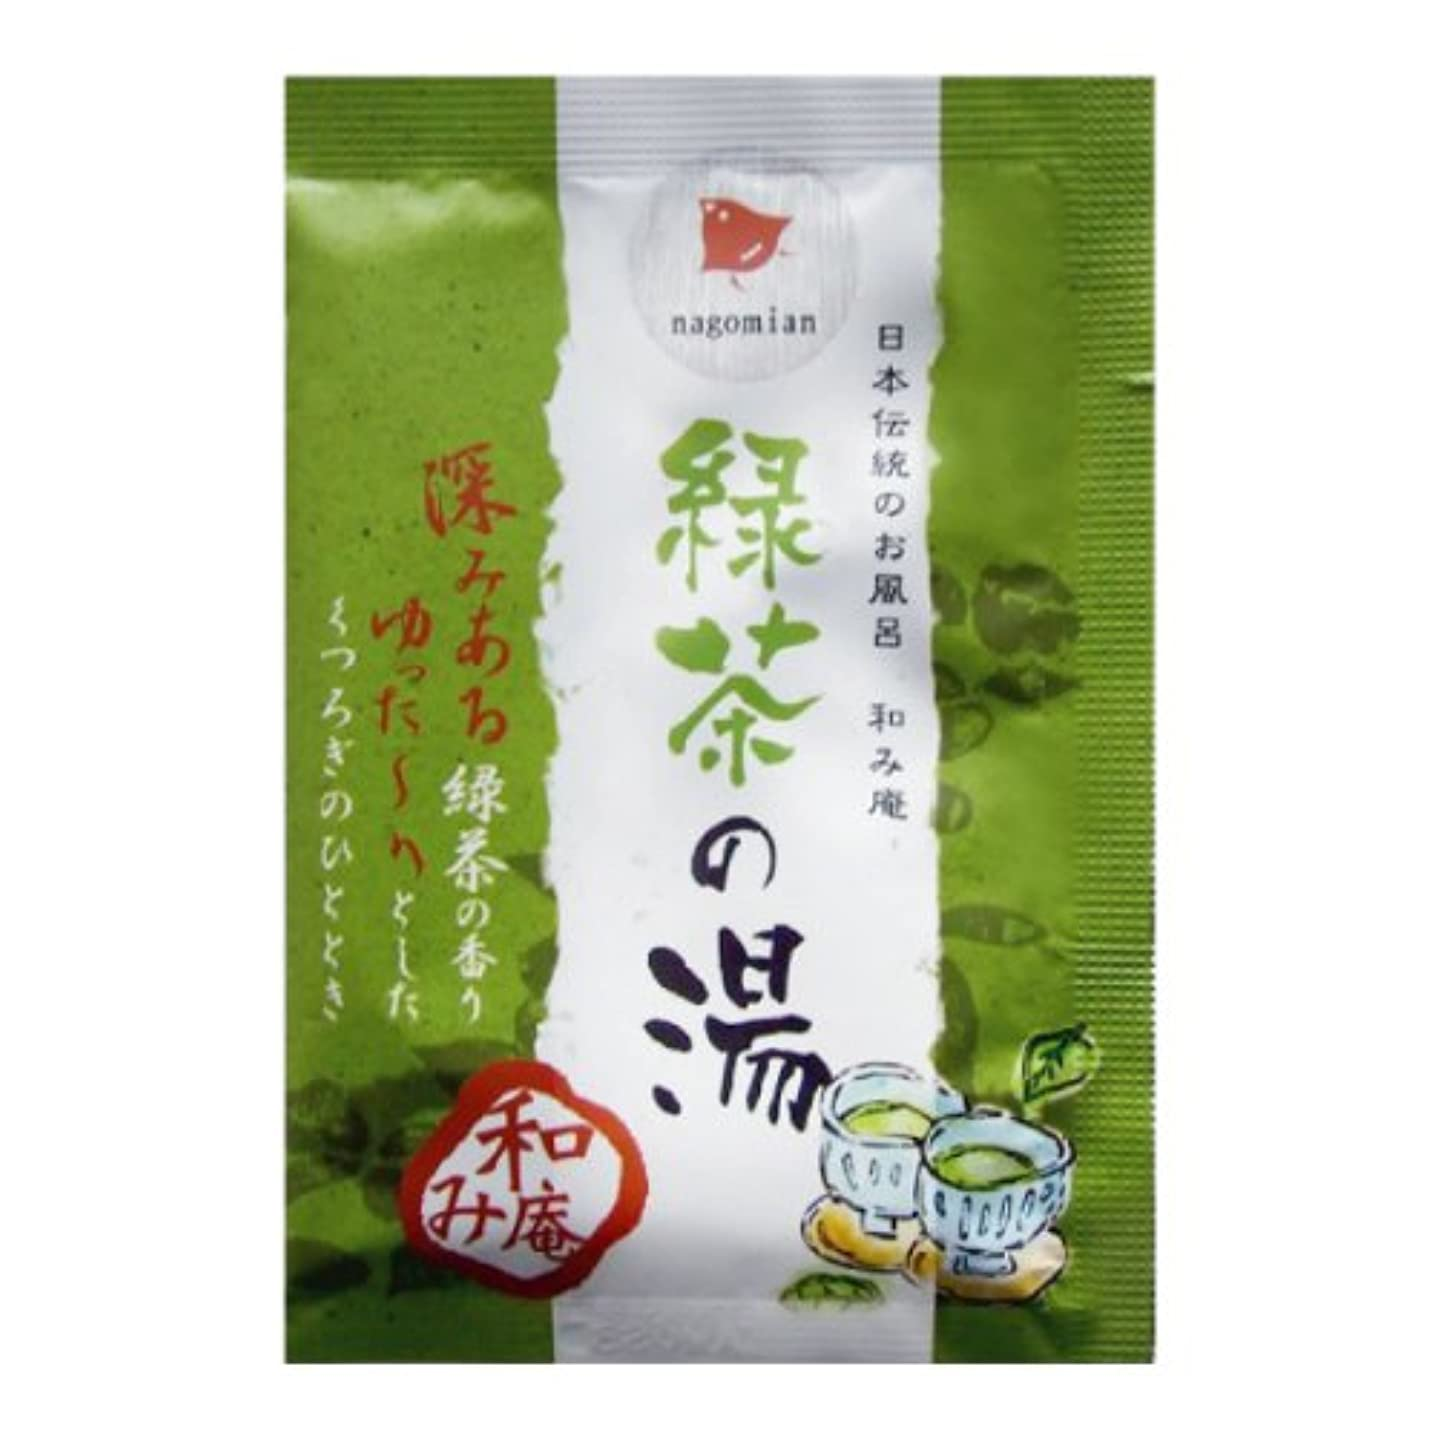 日本伝統のお風呂 和み庵 緑茶の湯 200包